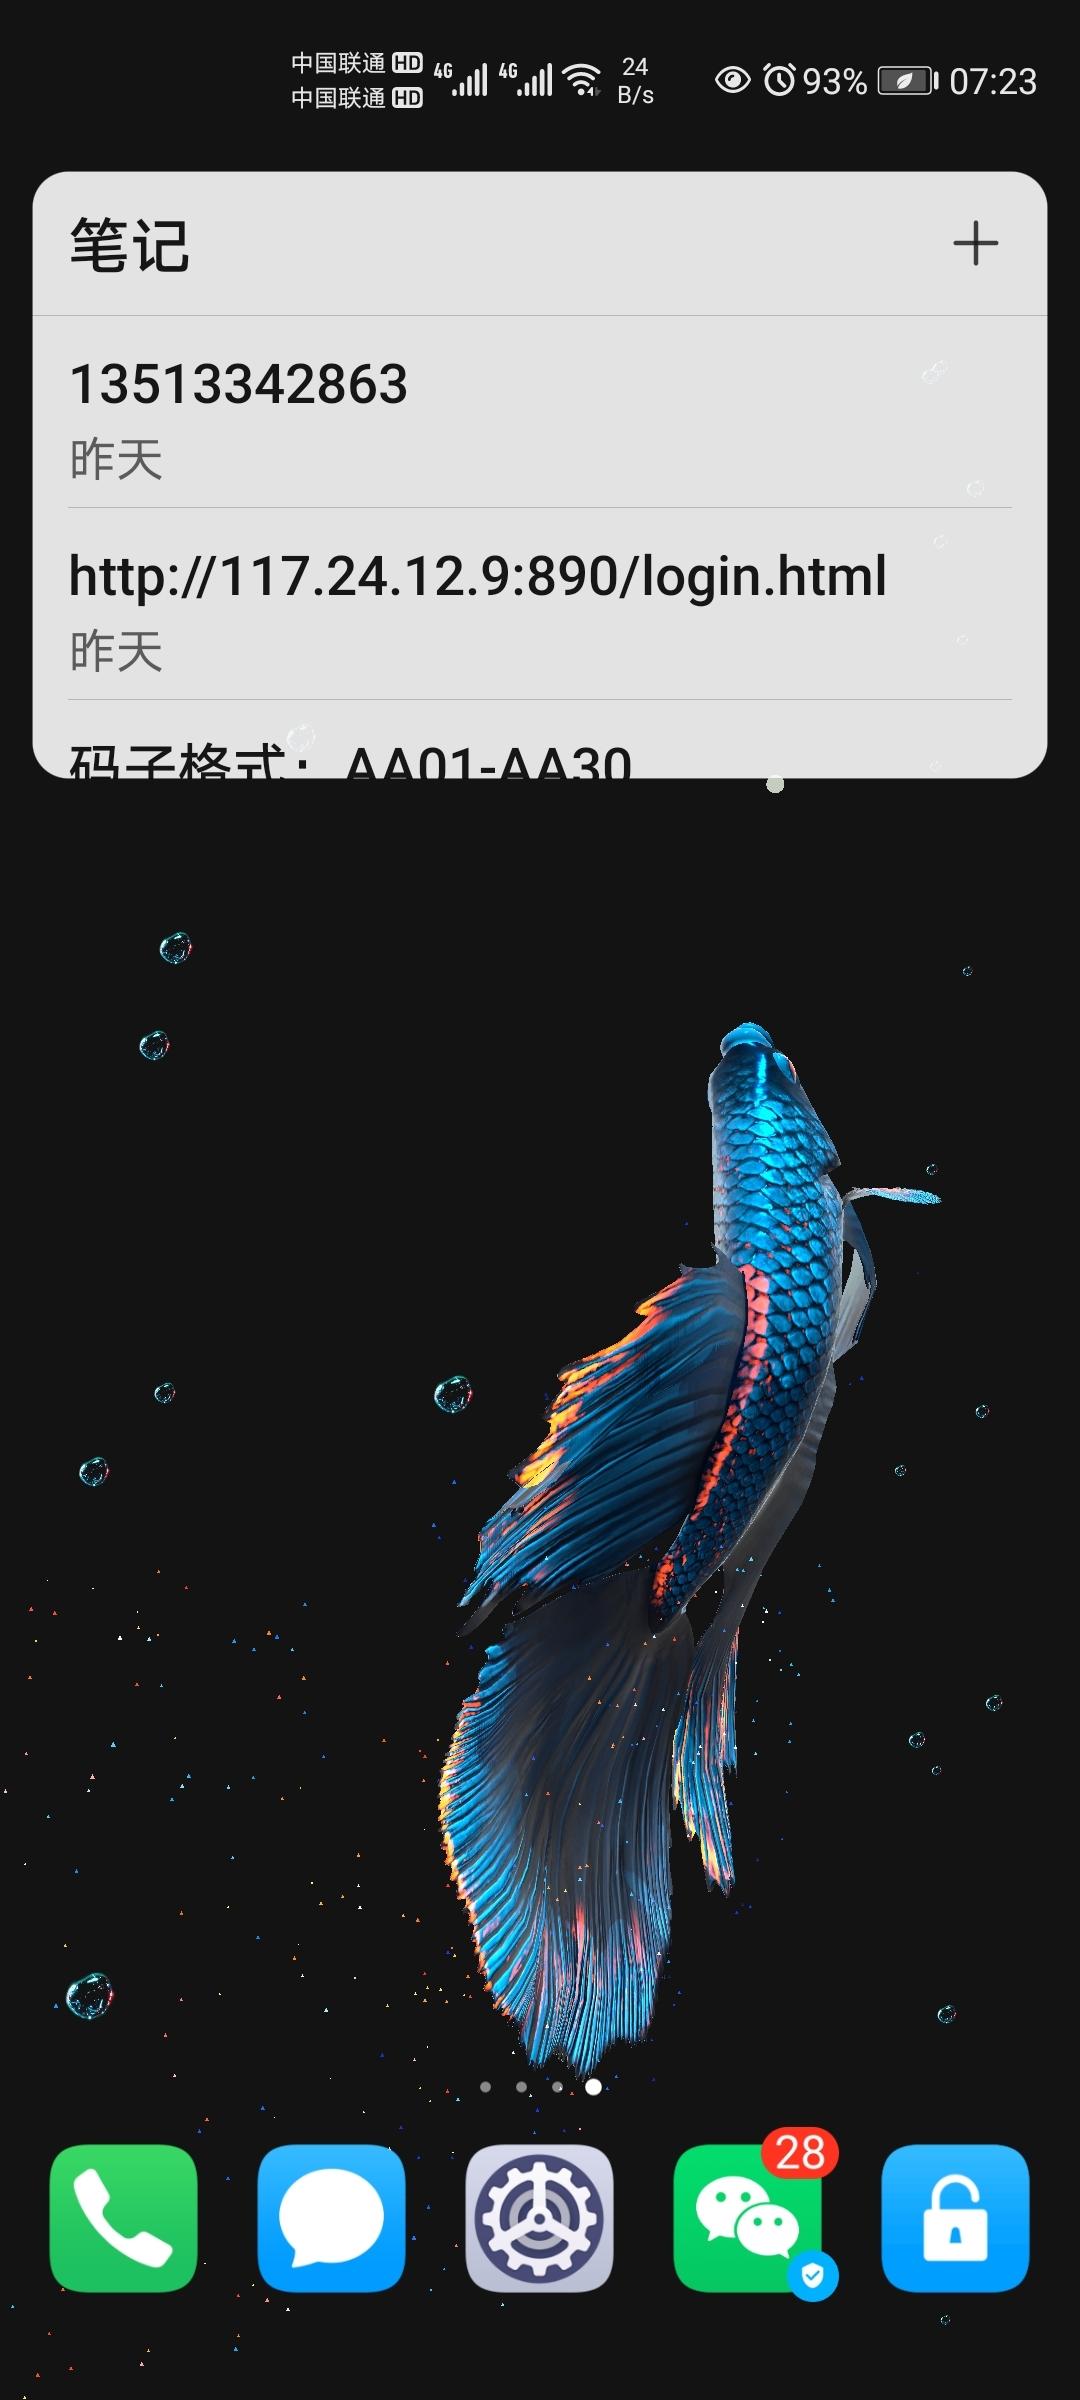 Screenshot_20210516_072303_com.huawei.android.launcher.jpg